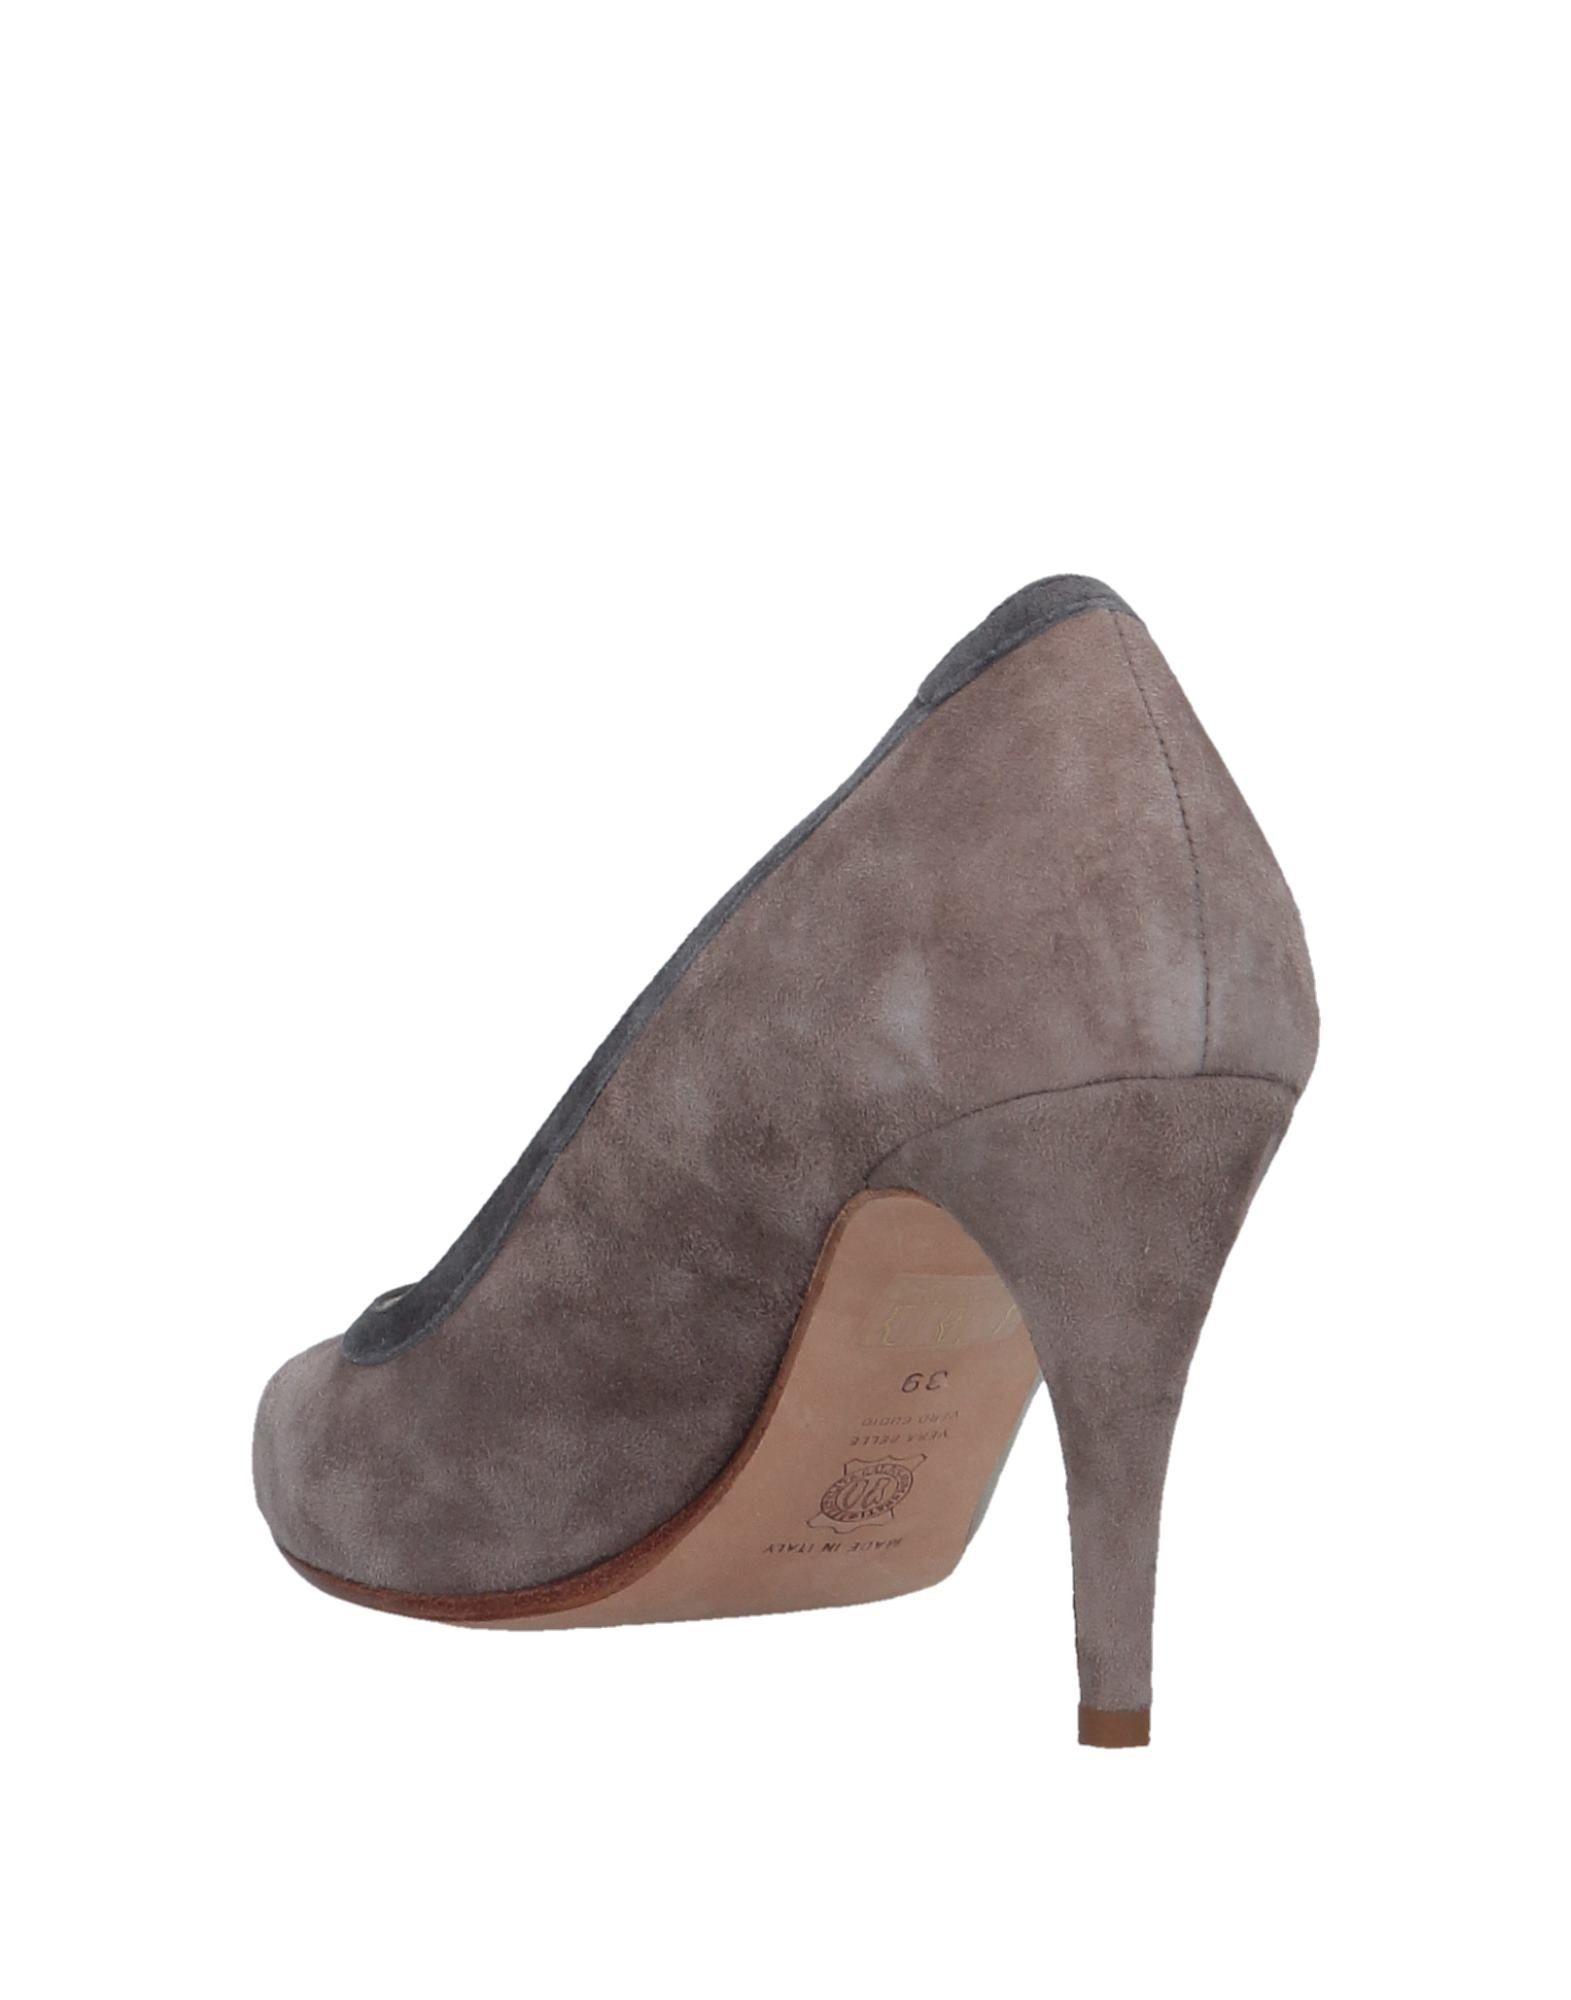 Betti Oliva Pumps Qualität Damen  11529400XW Gute Qualität Pumps beliebte Schuhe 80f655